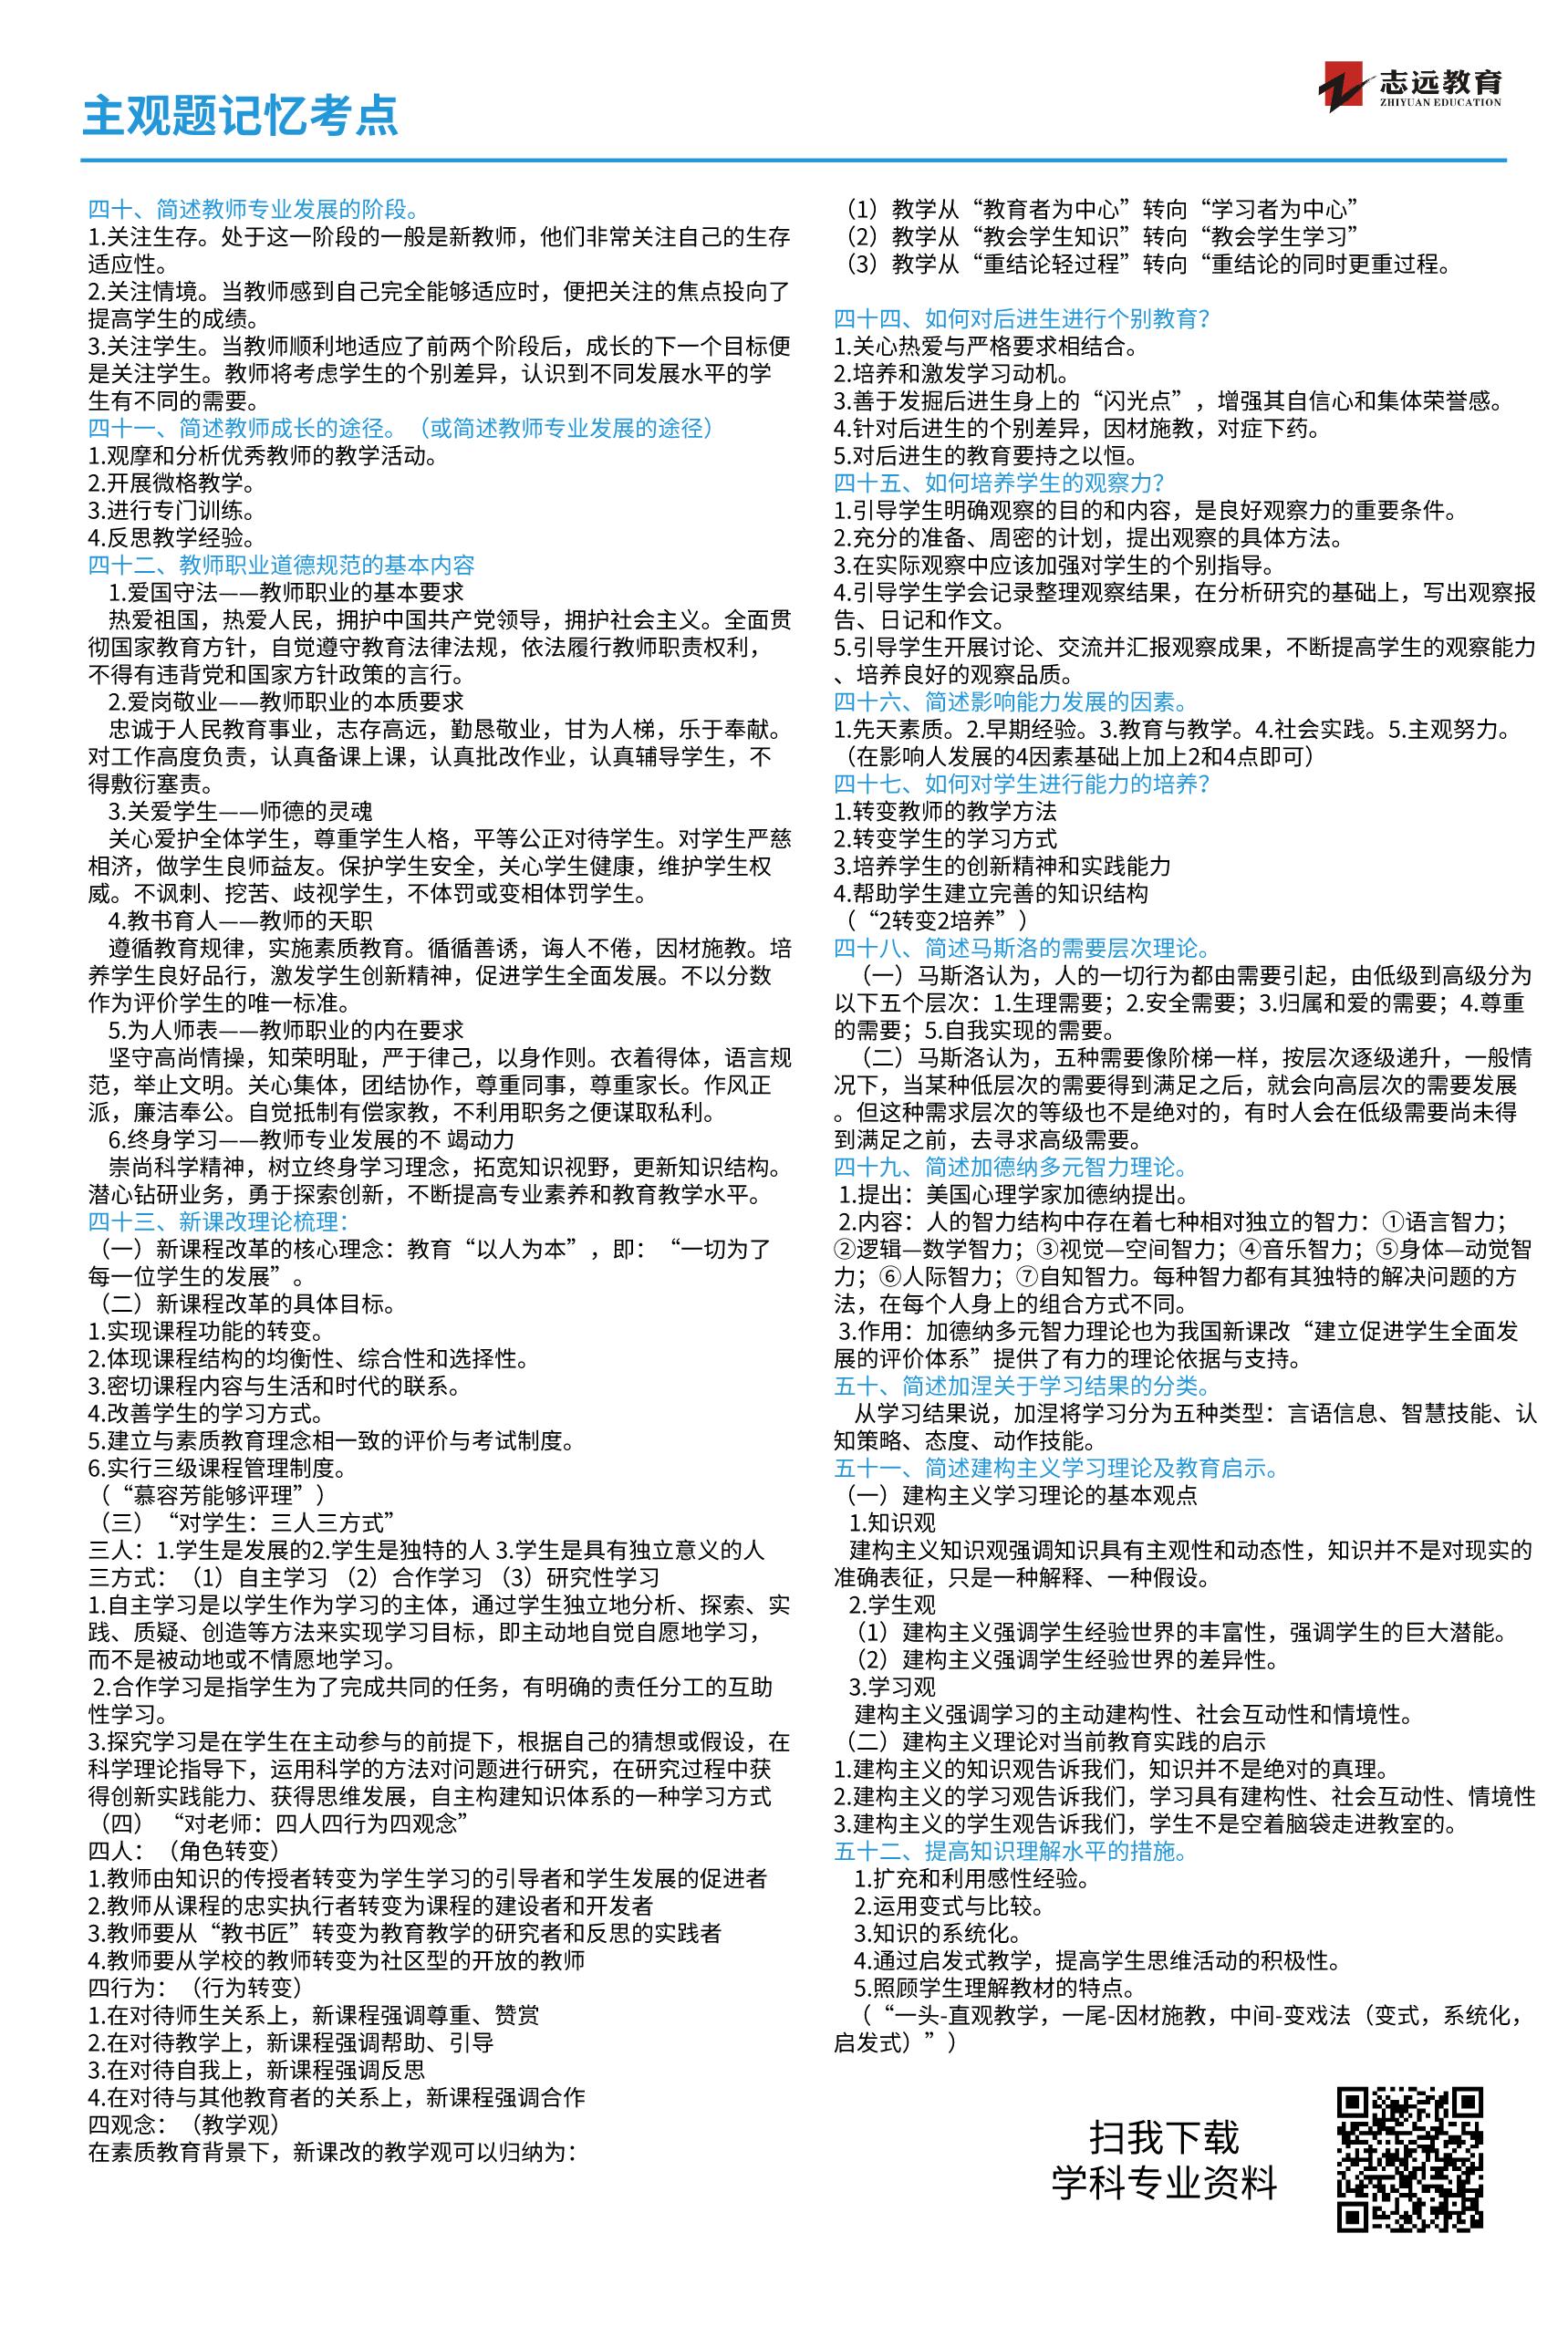 2020年陕西特岗教师招聘安康笔试考场分布图(汉滨高中西校区)(图6)